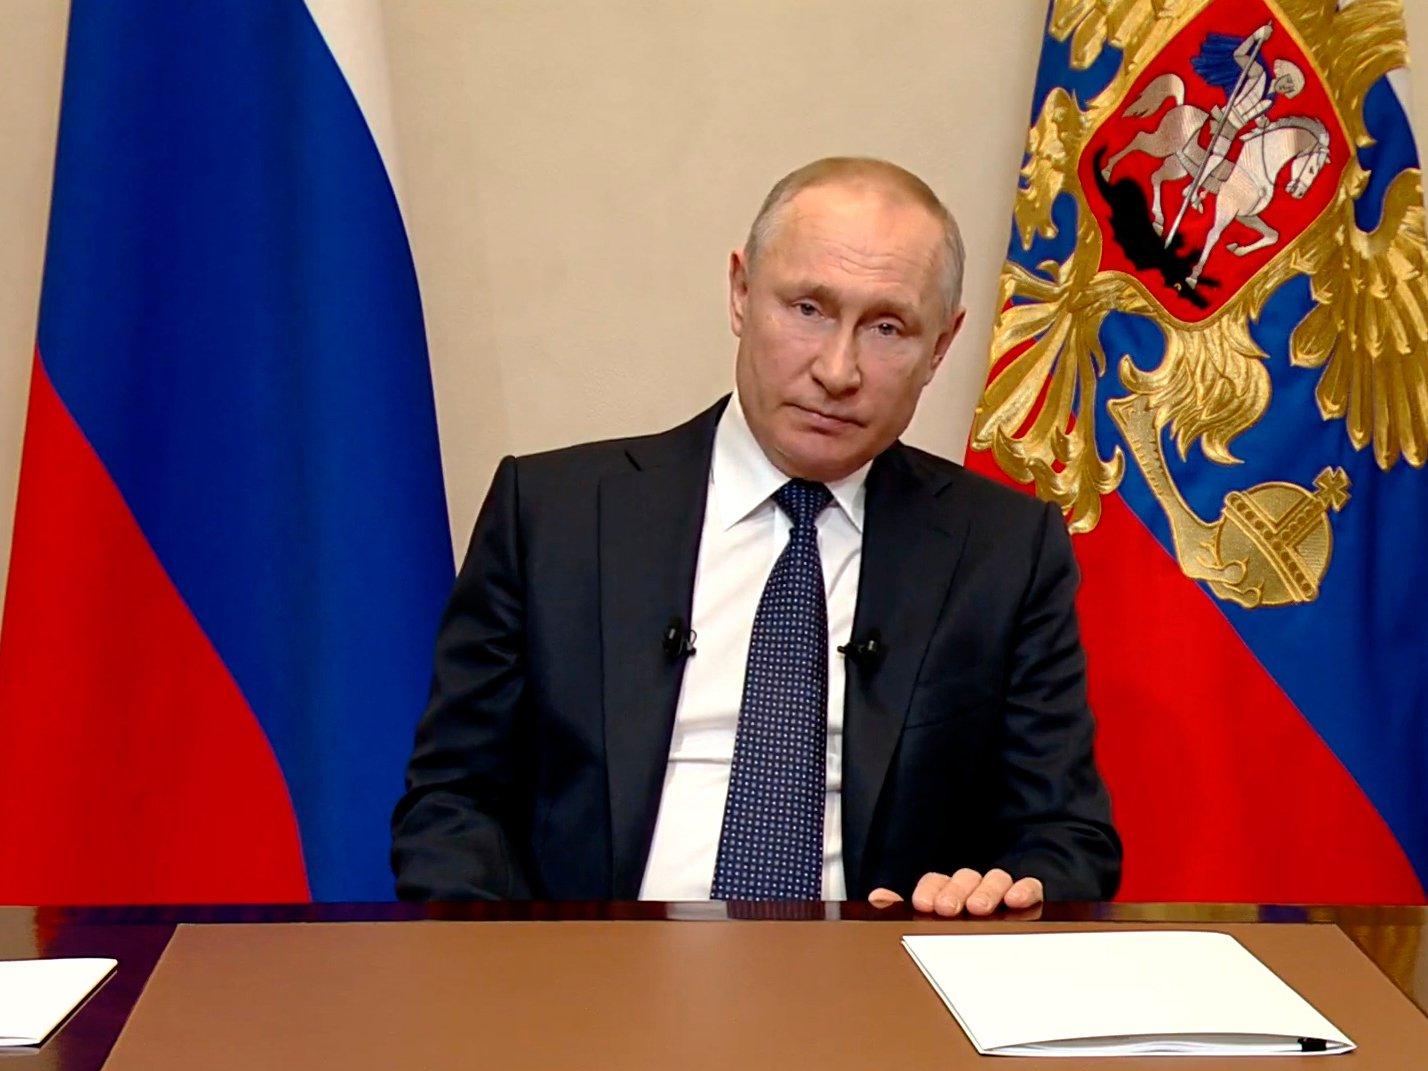 Обращение Путина 15 апреля 2020: онлайн трансляция  (ВИДЕО)